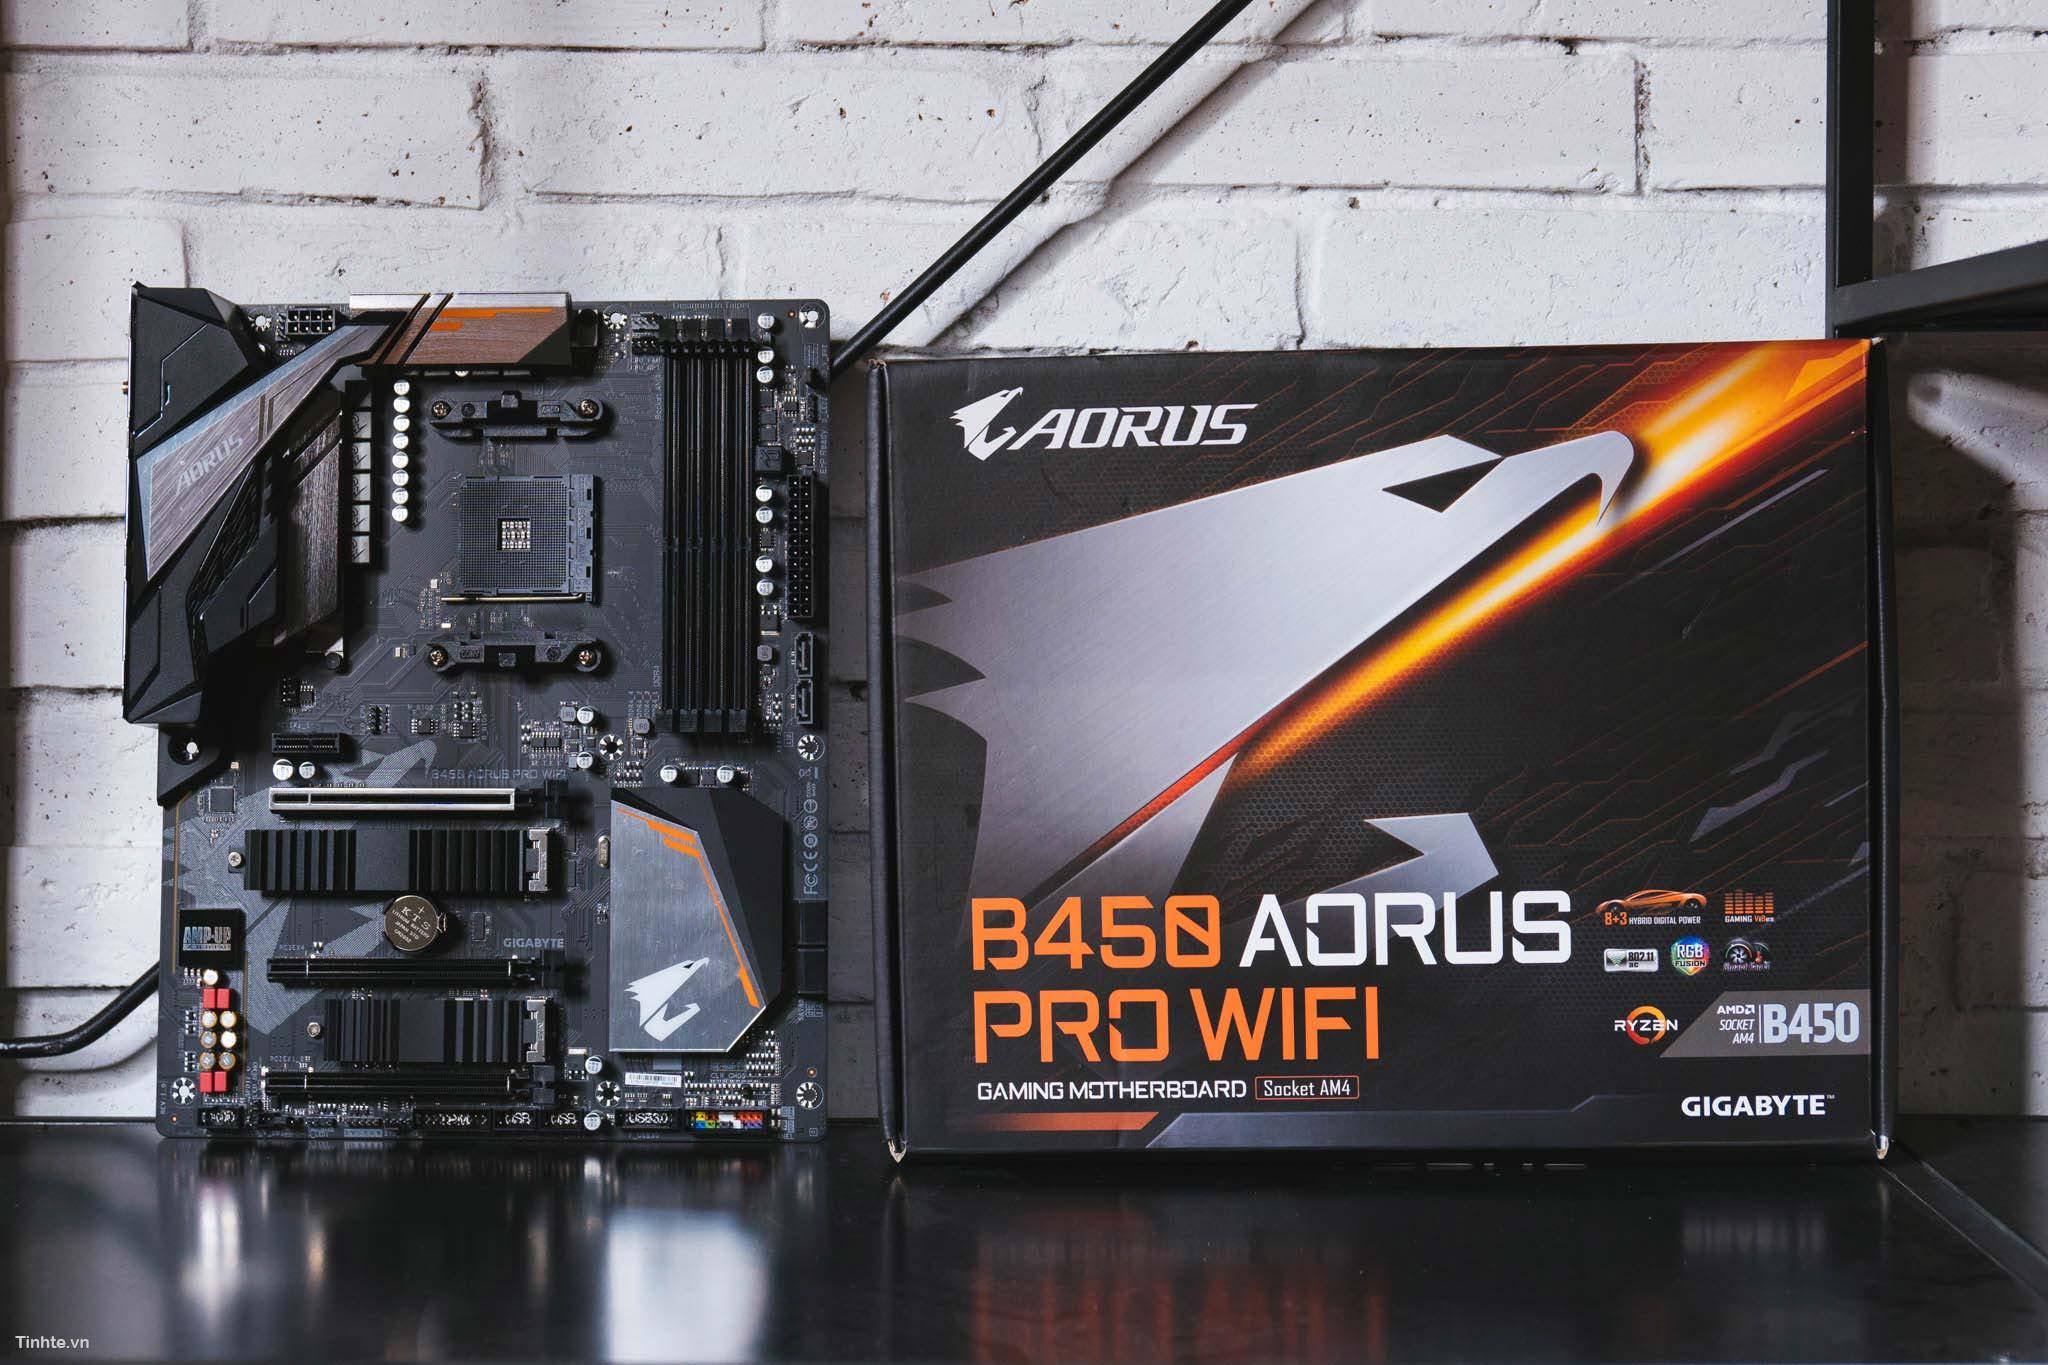 AORUS_B450_wifi-4.jpg